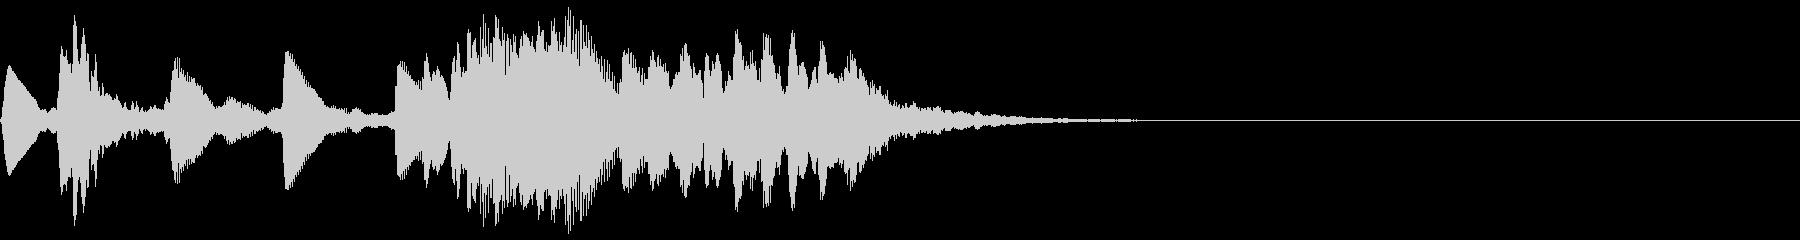 低い音のレベルアップ音【3】の未再生の波形